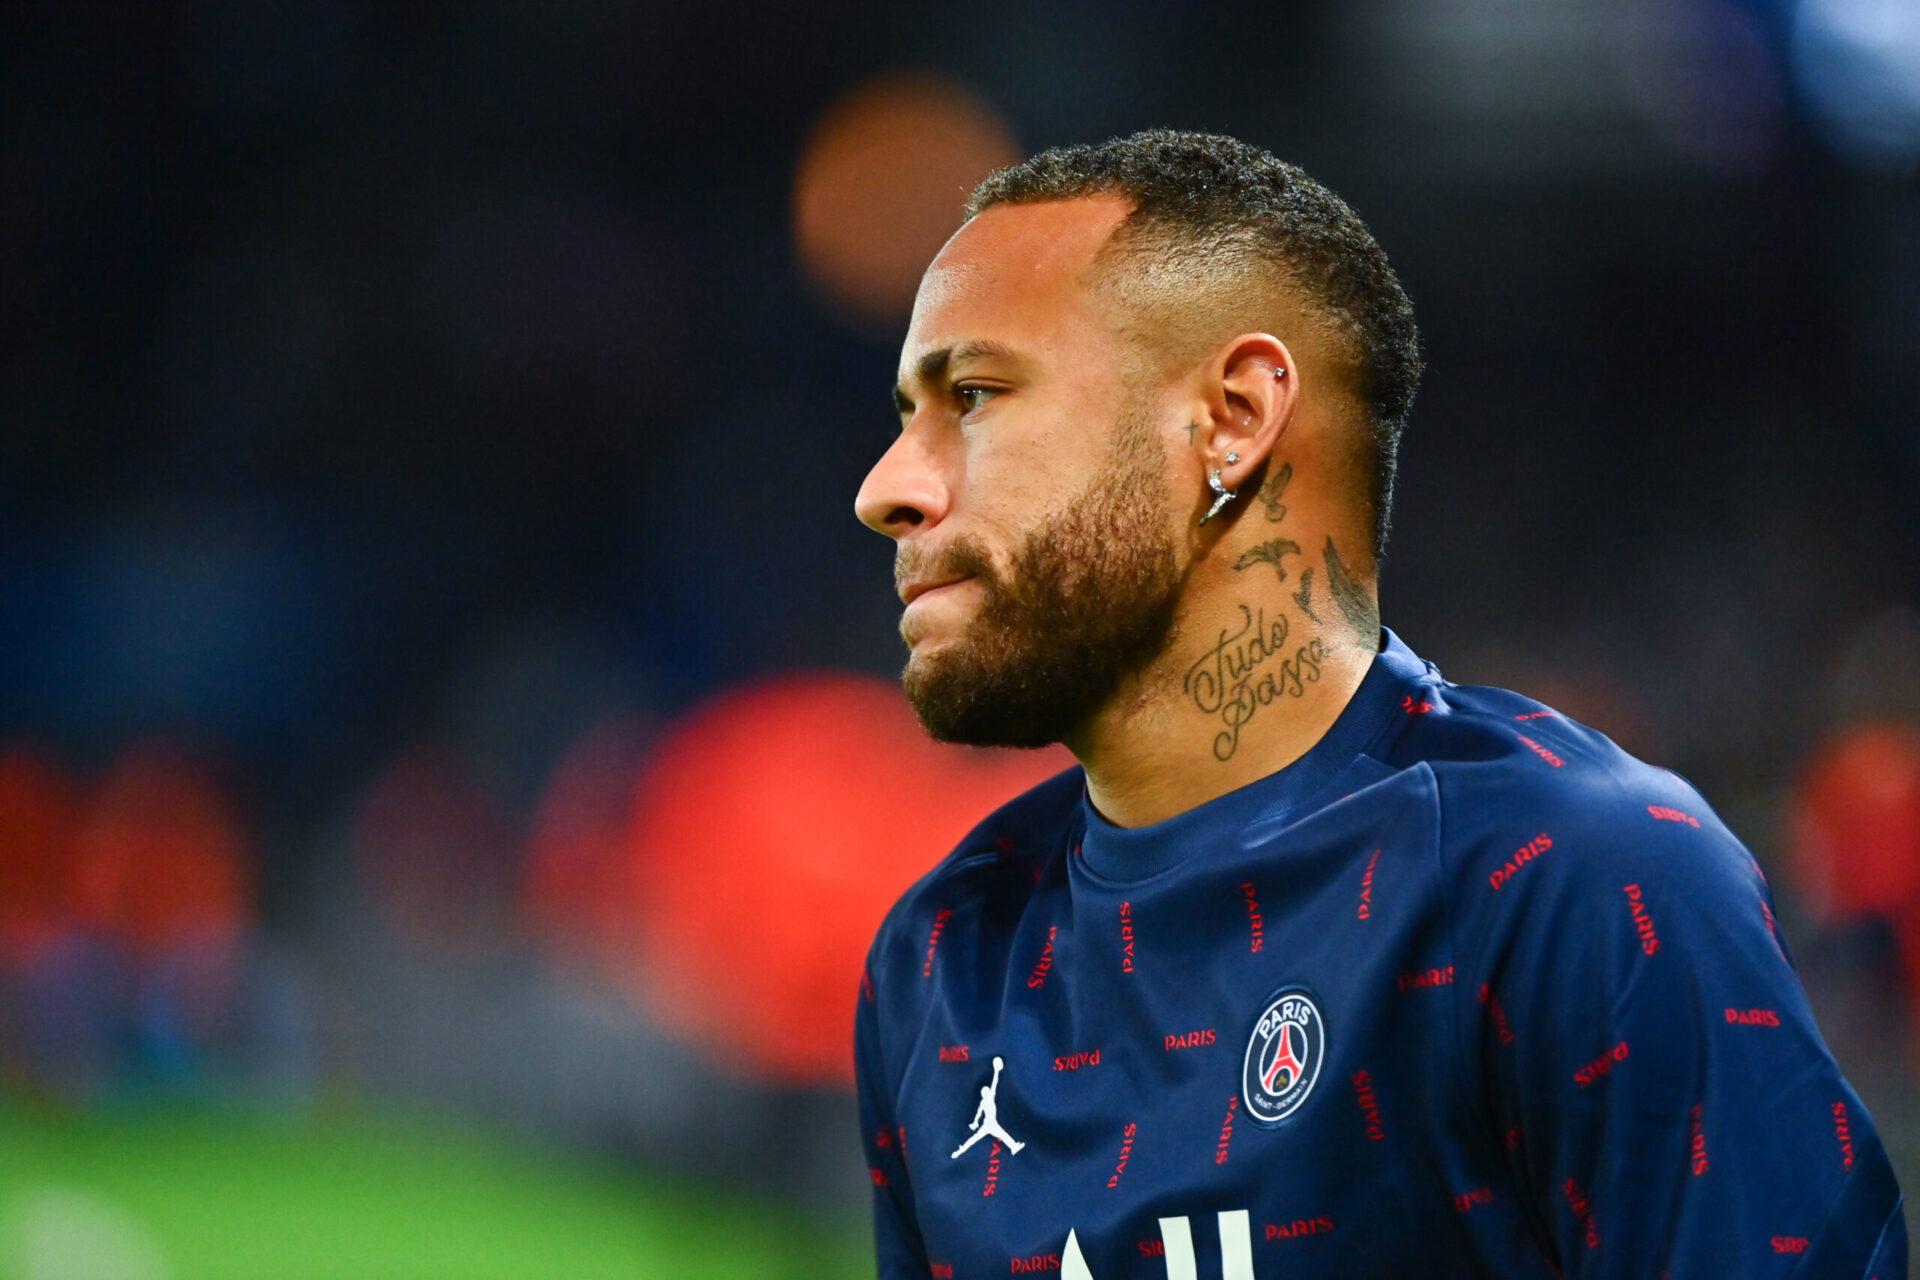 La santé mentale de Neymar, considéré comme une superstar dès son plus jeune âge, semble bien entamée. Icon Sport